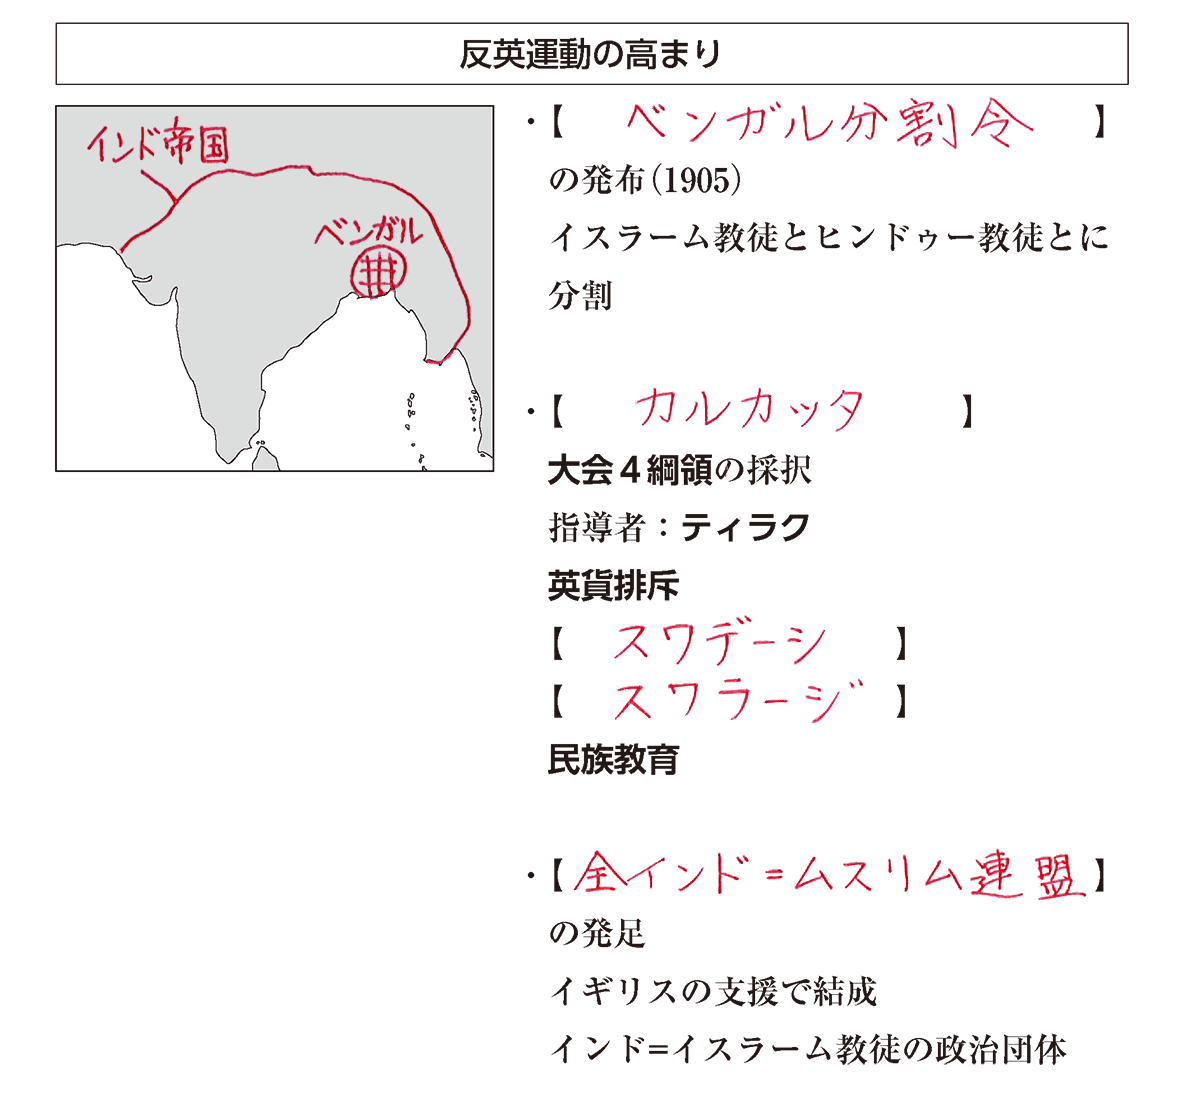 帝国主義とアジアの民族運動1 ポイント2 答え全部